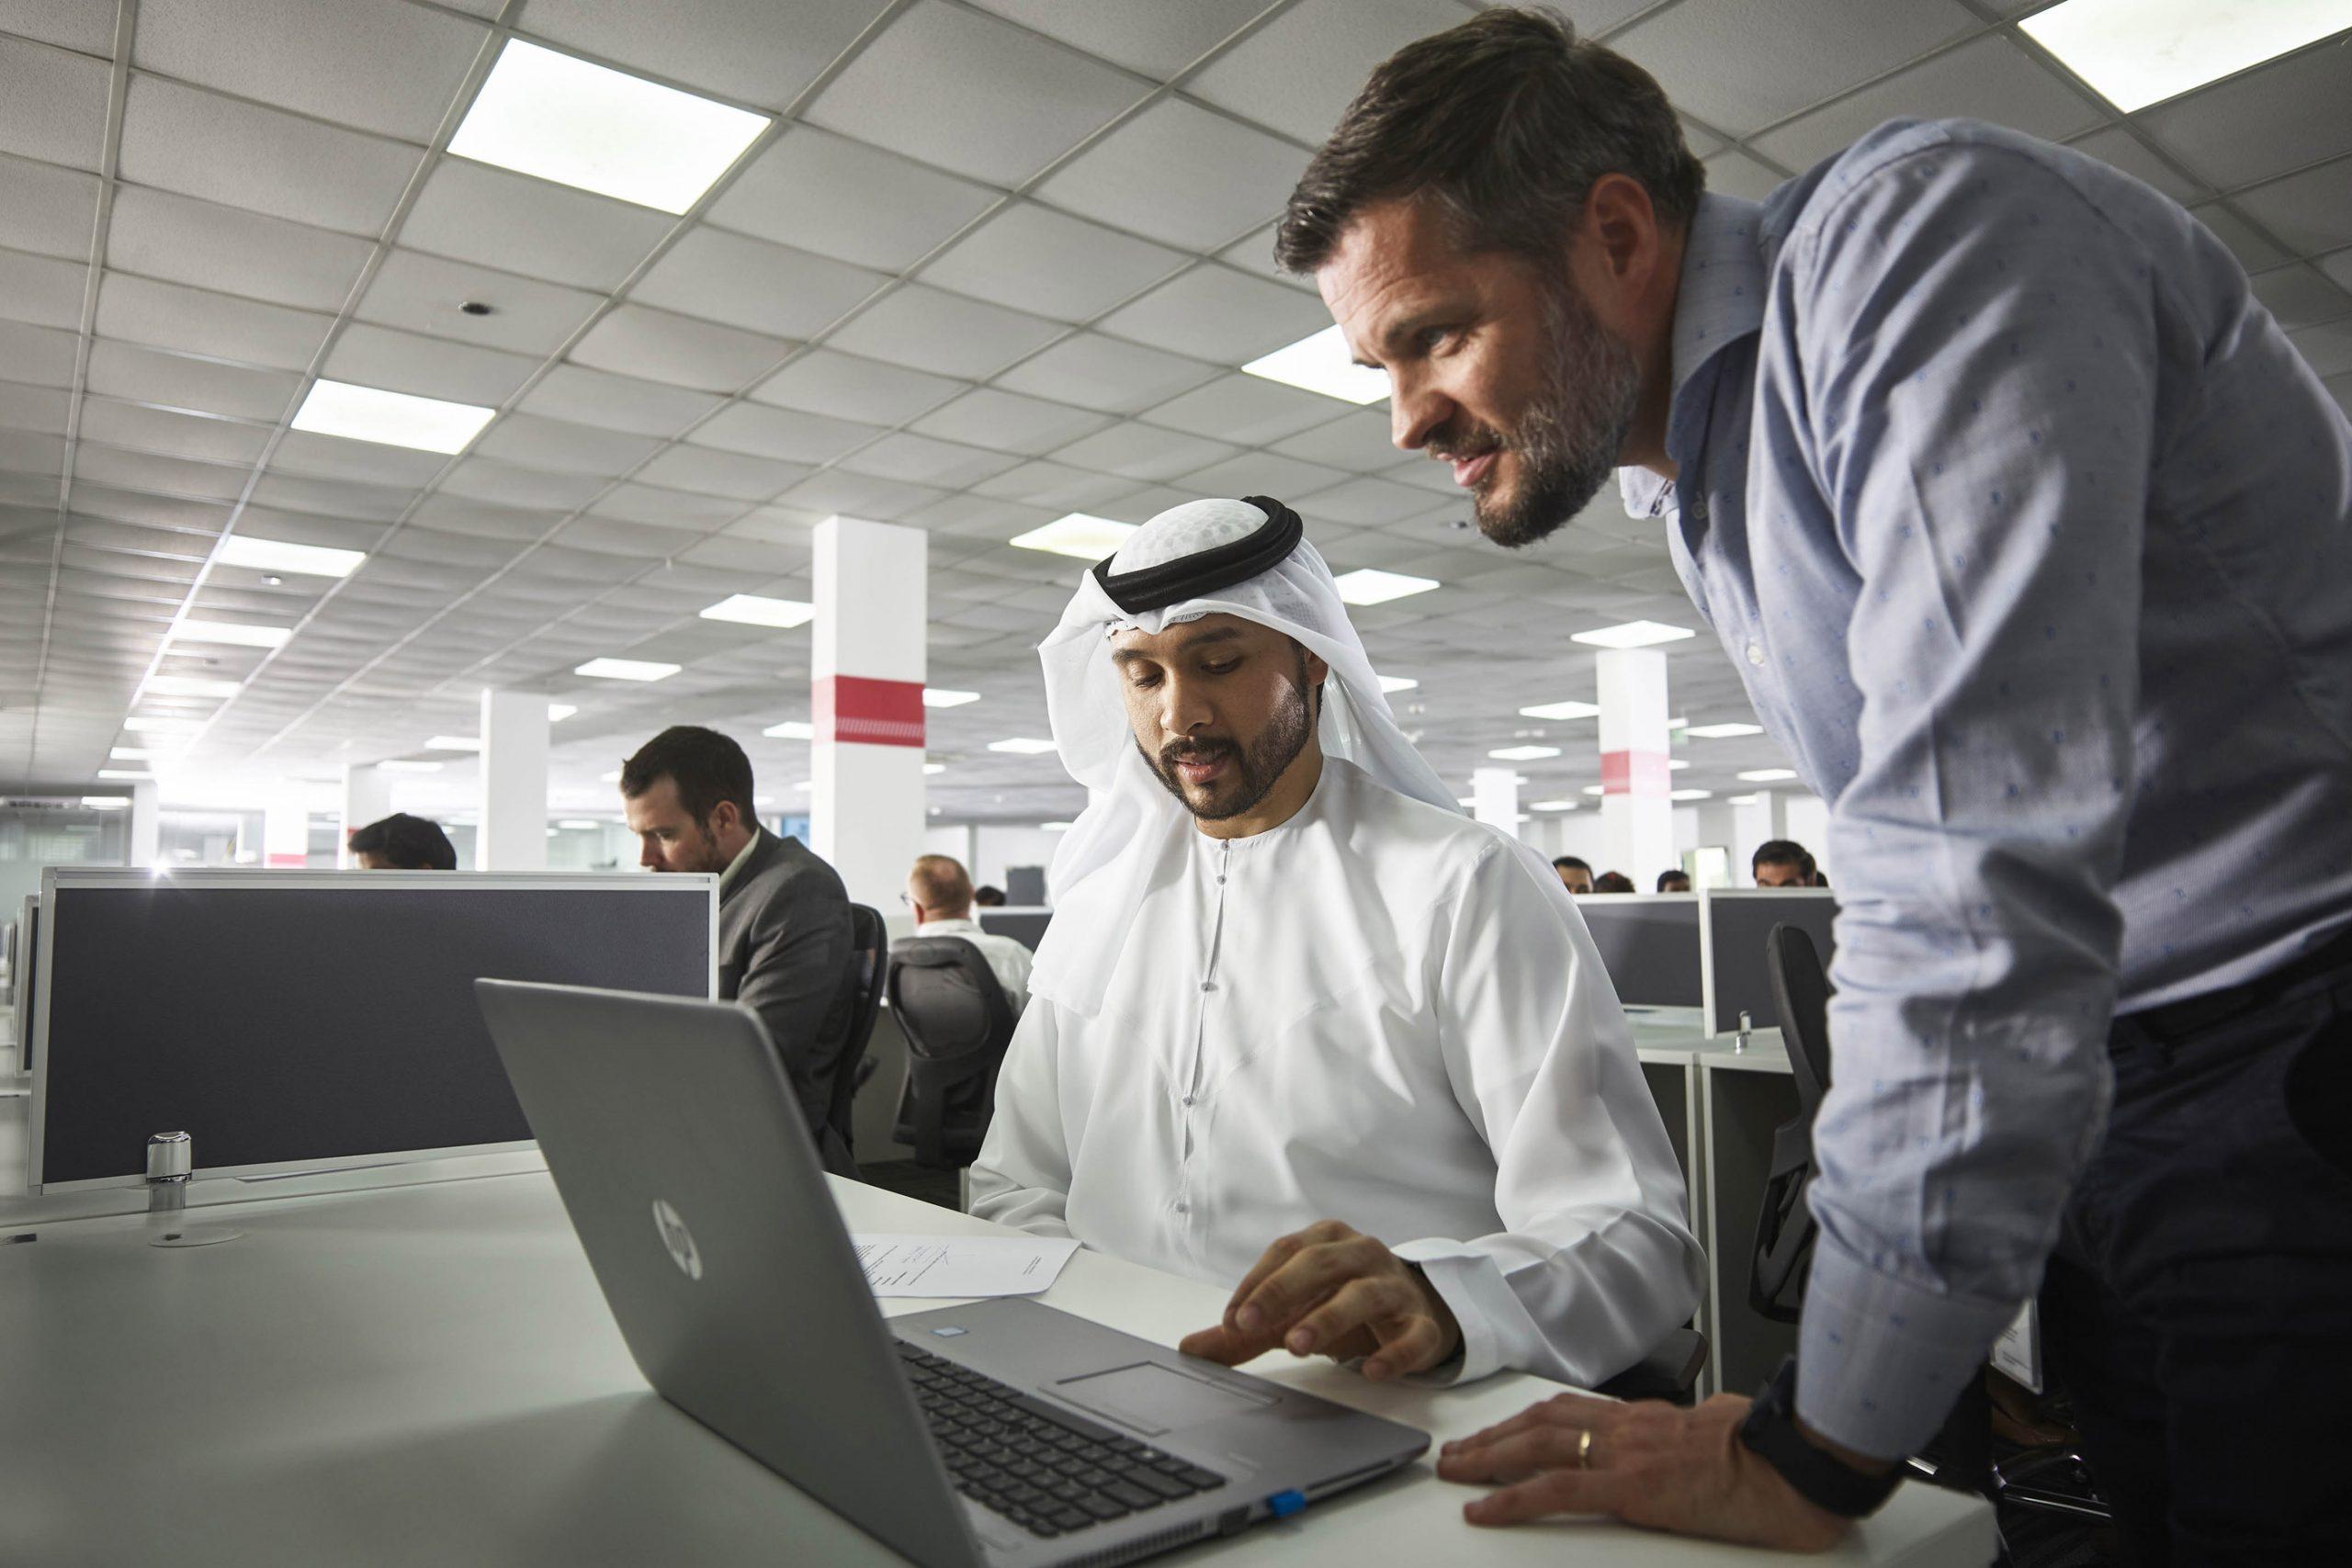 مدينة خليفة الصناعية تقدم مجموعة جديدة من الخدمات الرقمية لمتعامليها بالتعاون مع بوابة المقطع